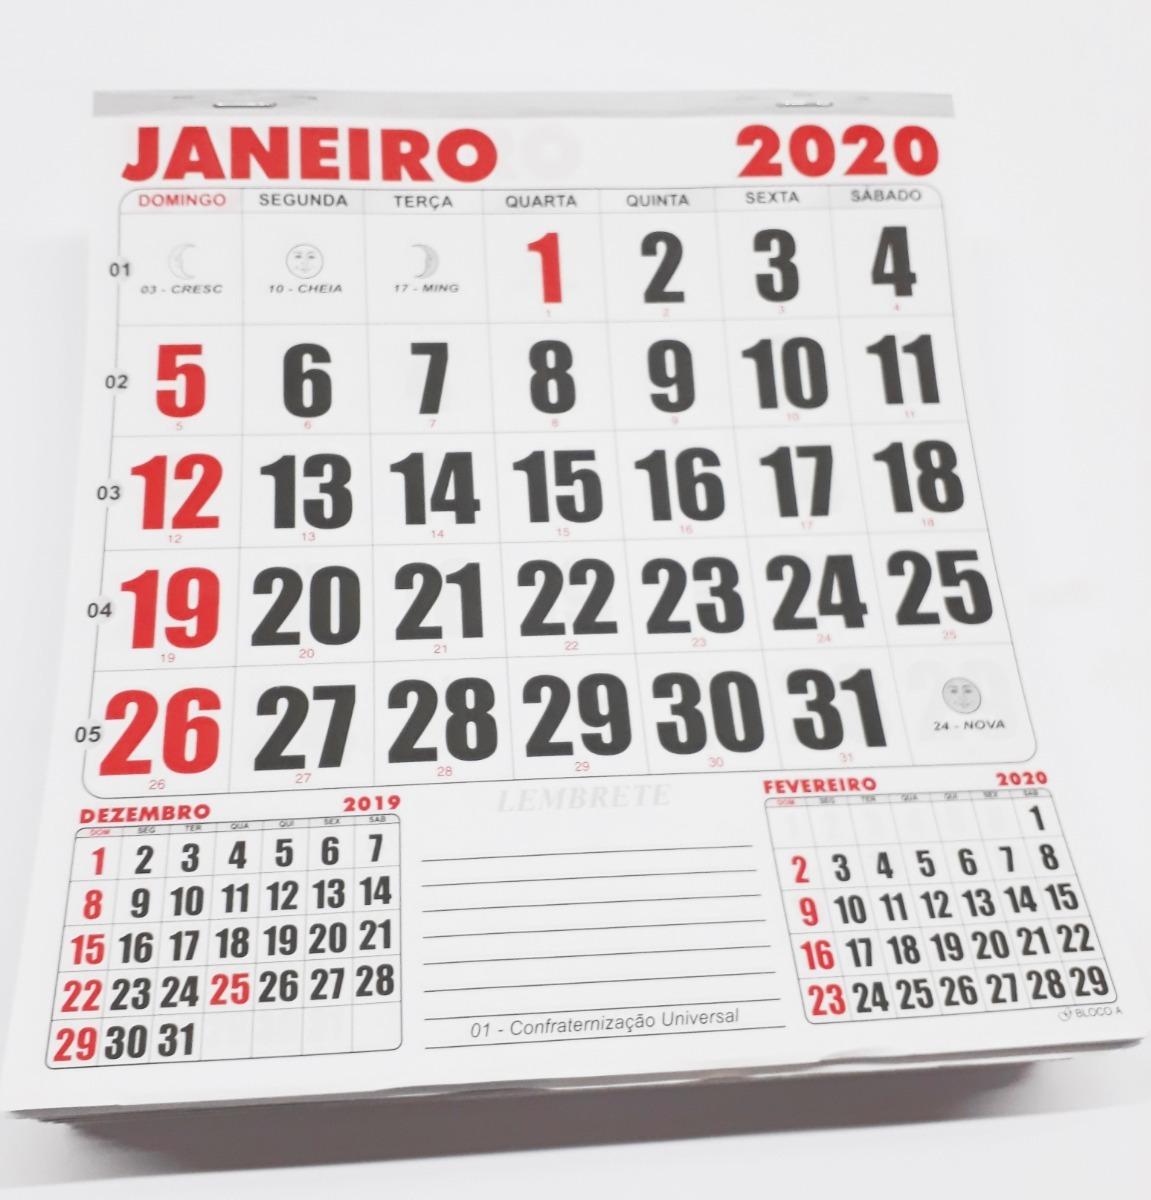 Calendario F.50 Blocos De Calendarios 2020 30 5x30 5 Cm Bloco Comercial F